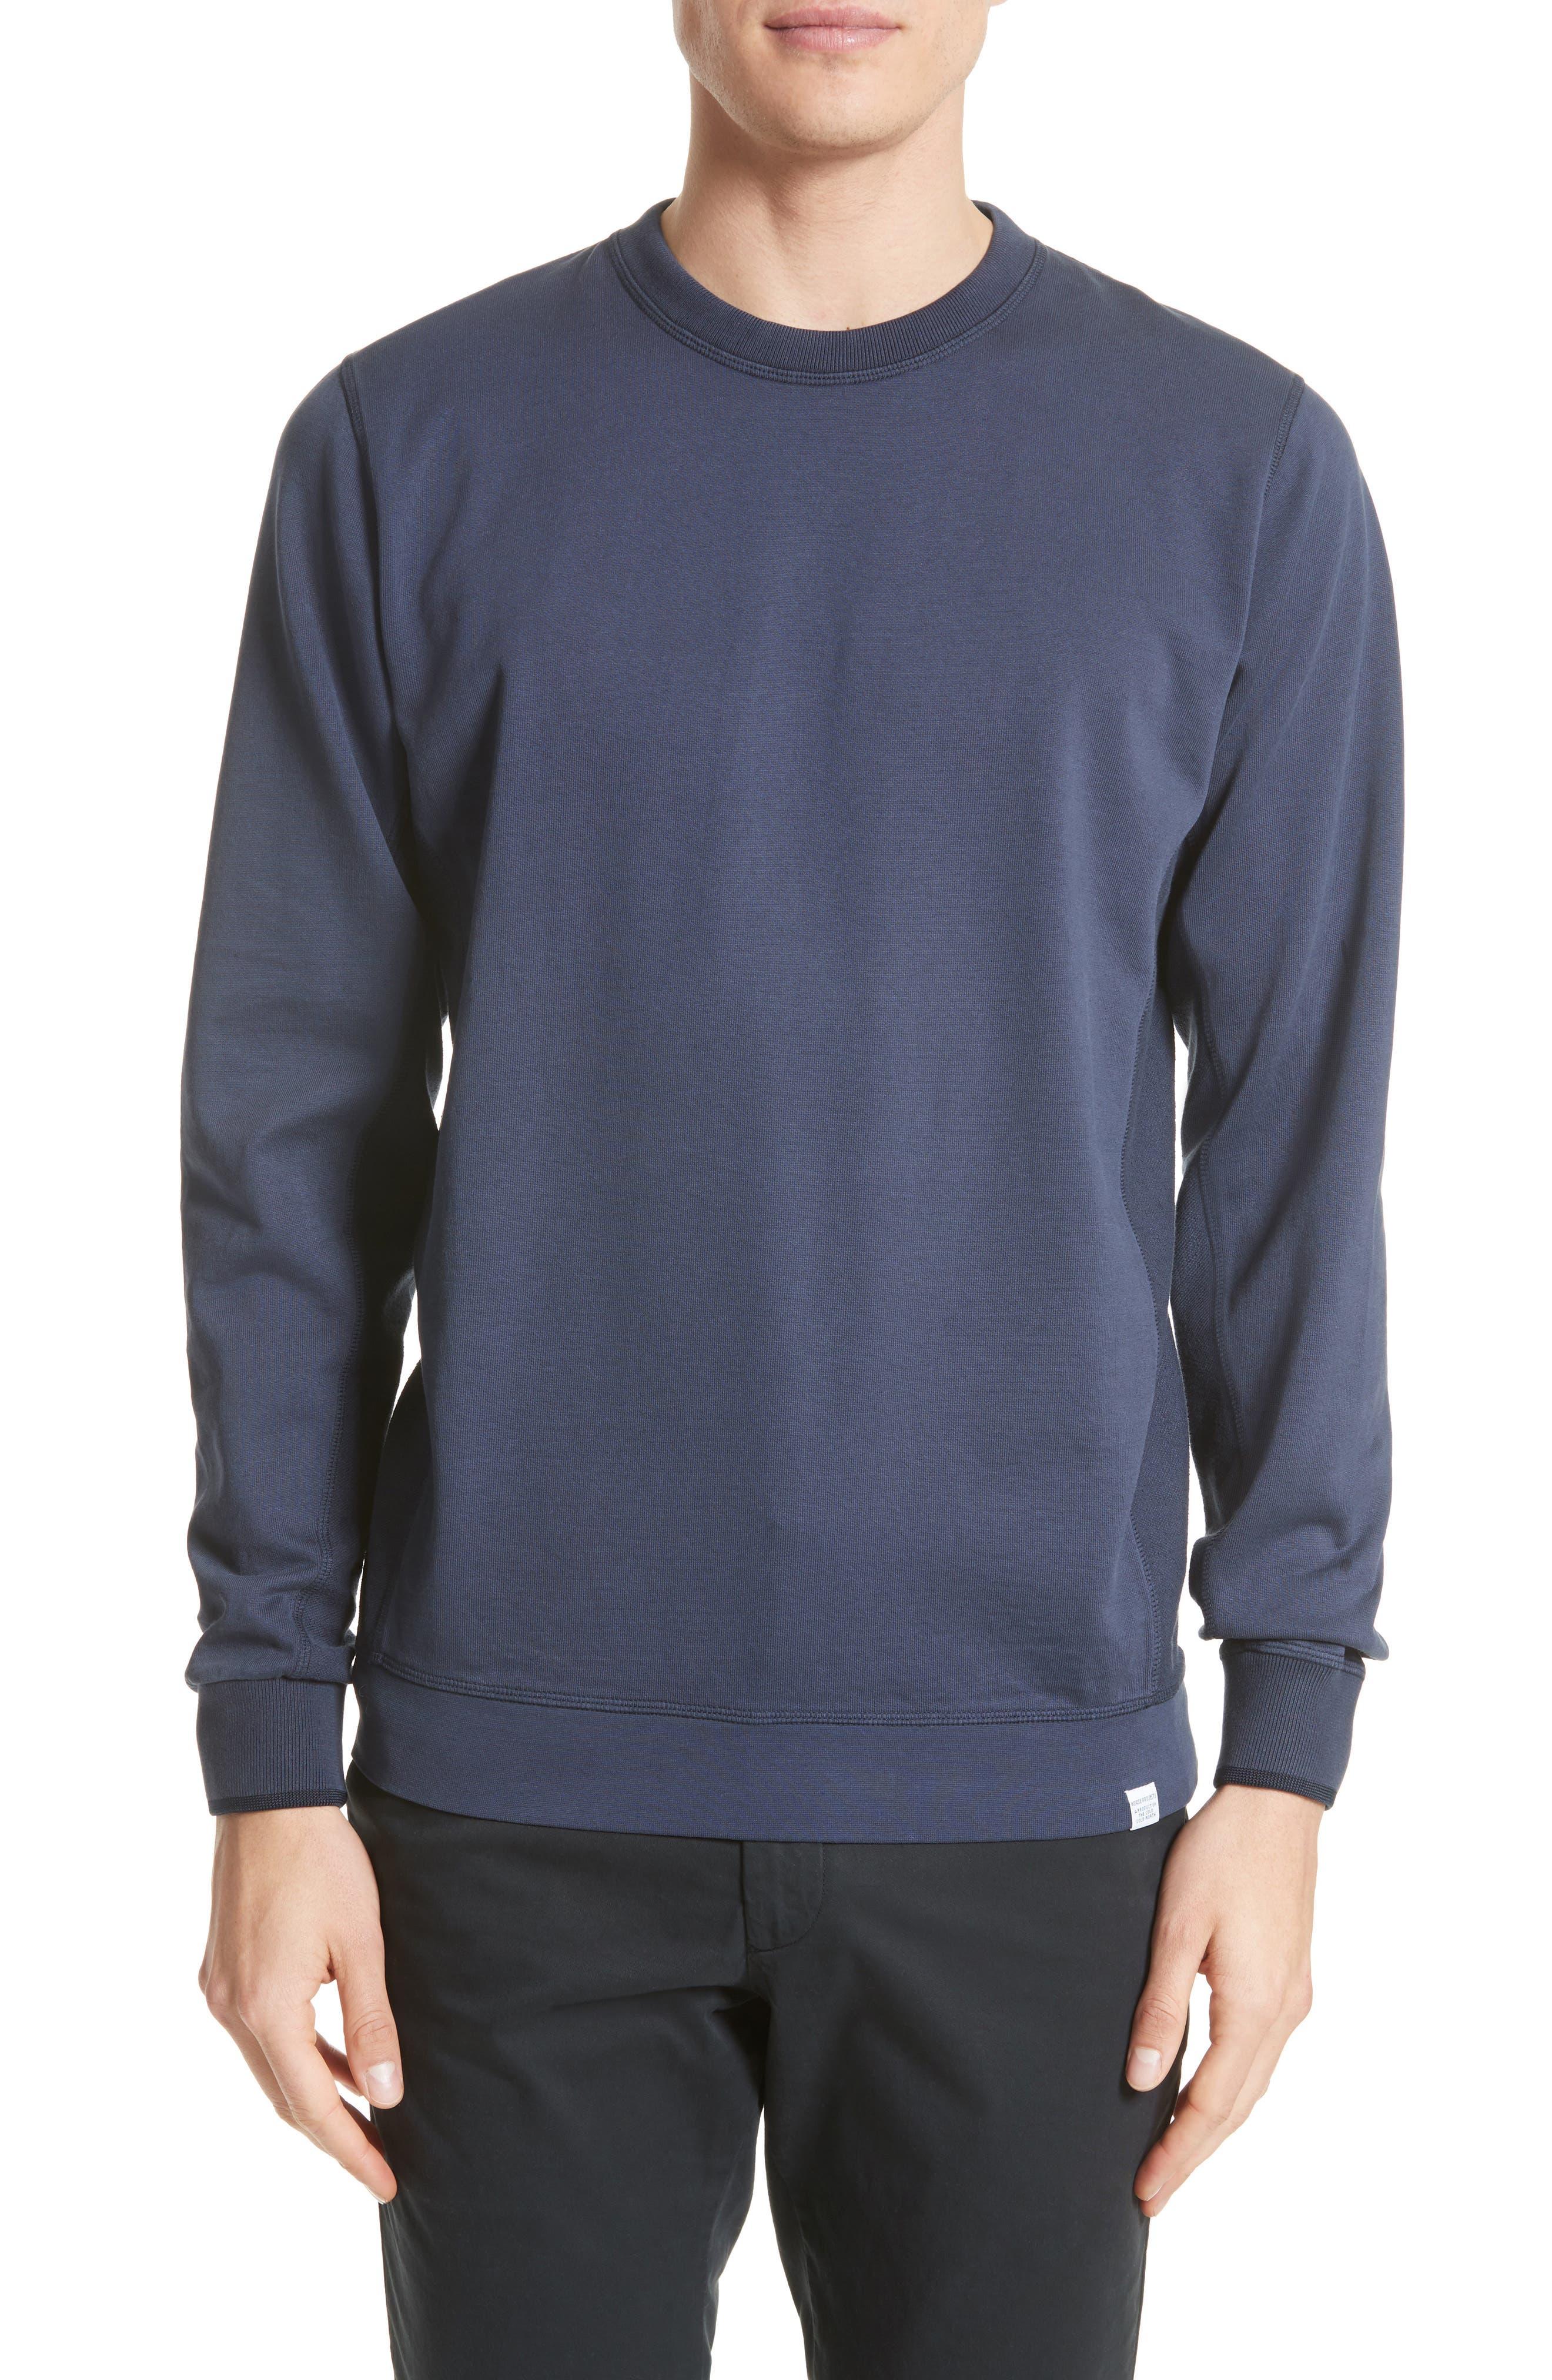 Vagn Mercerized Fleece Sweatshirt,                             Main thumbnail 1, color,                             401